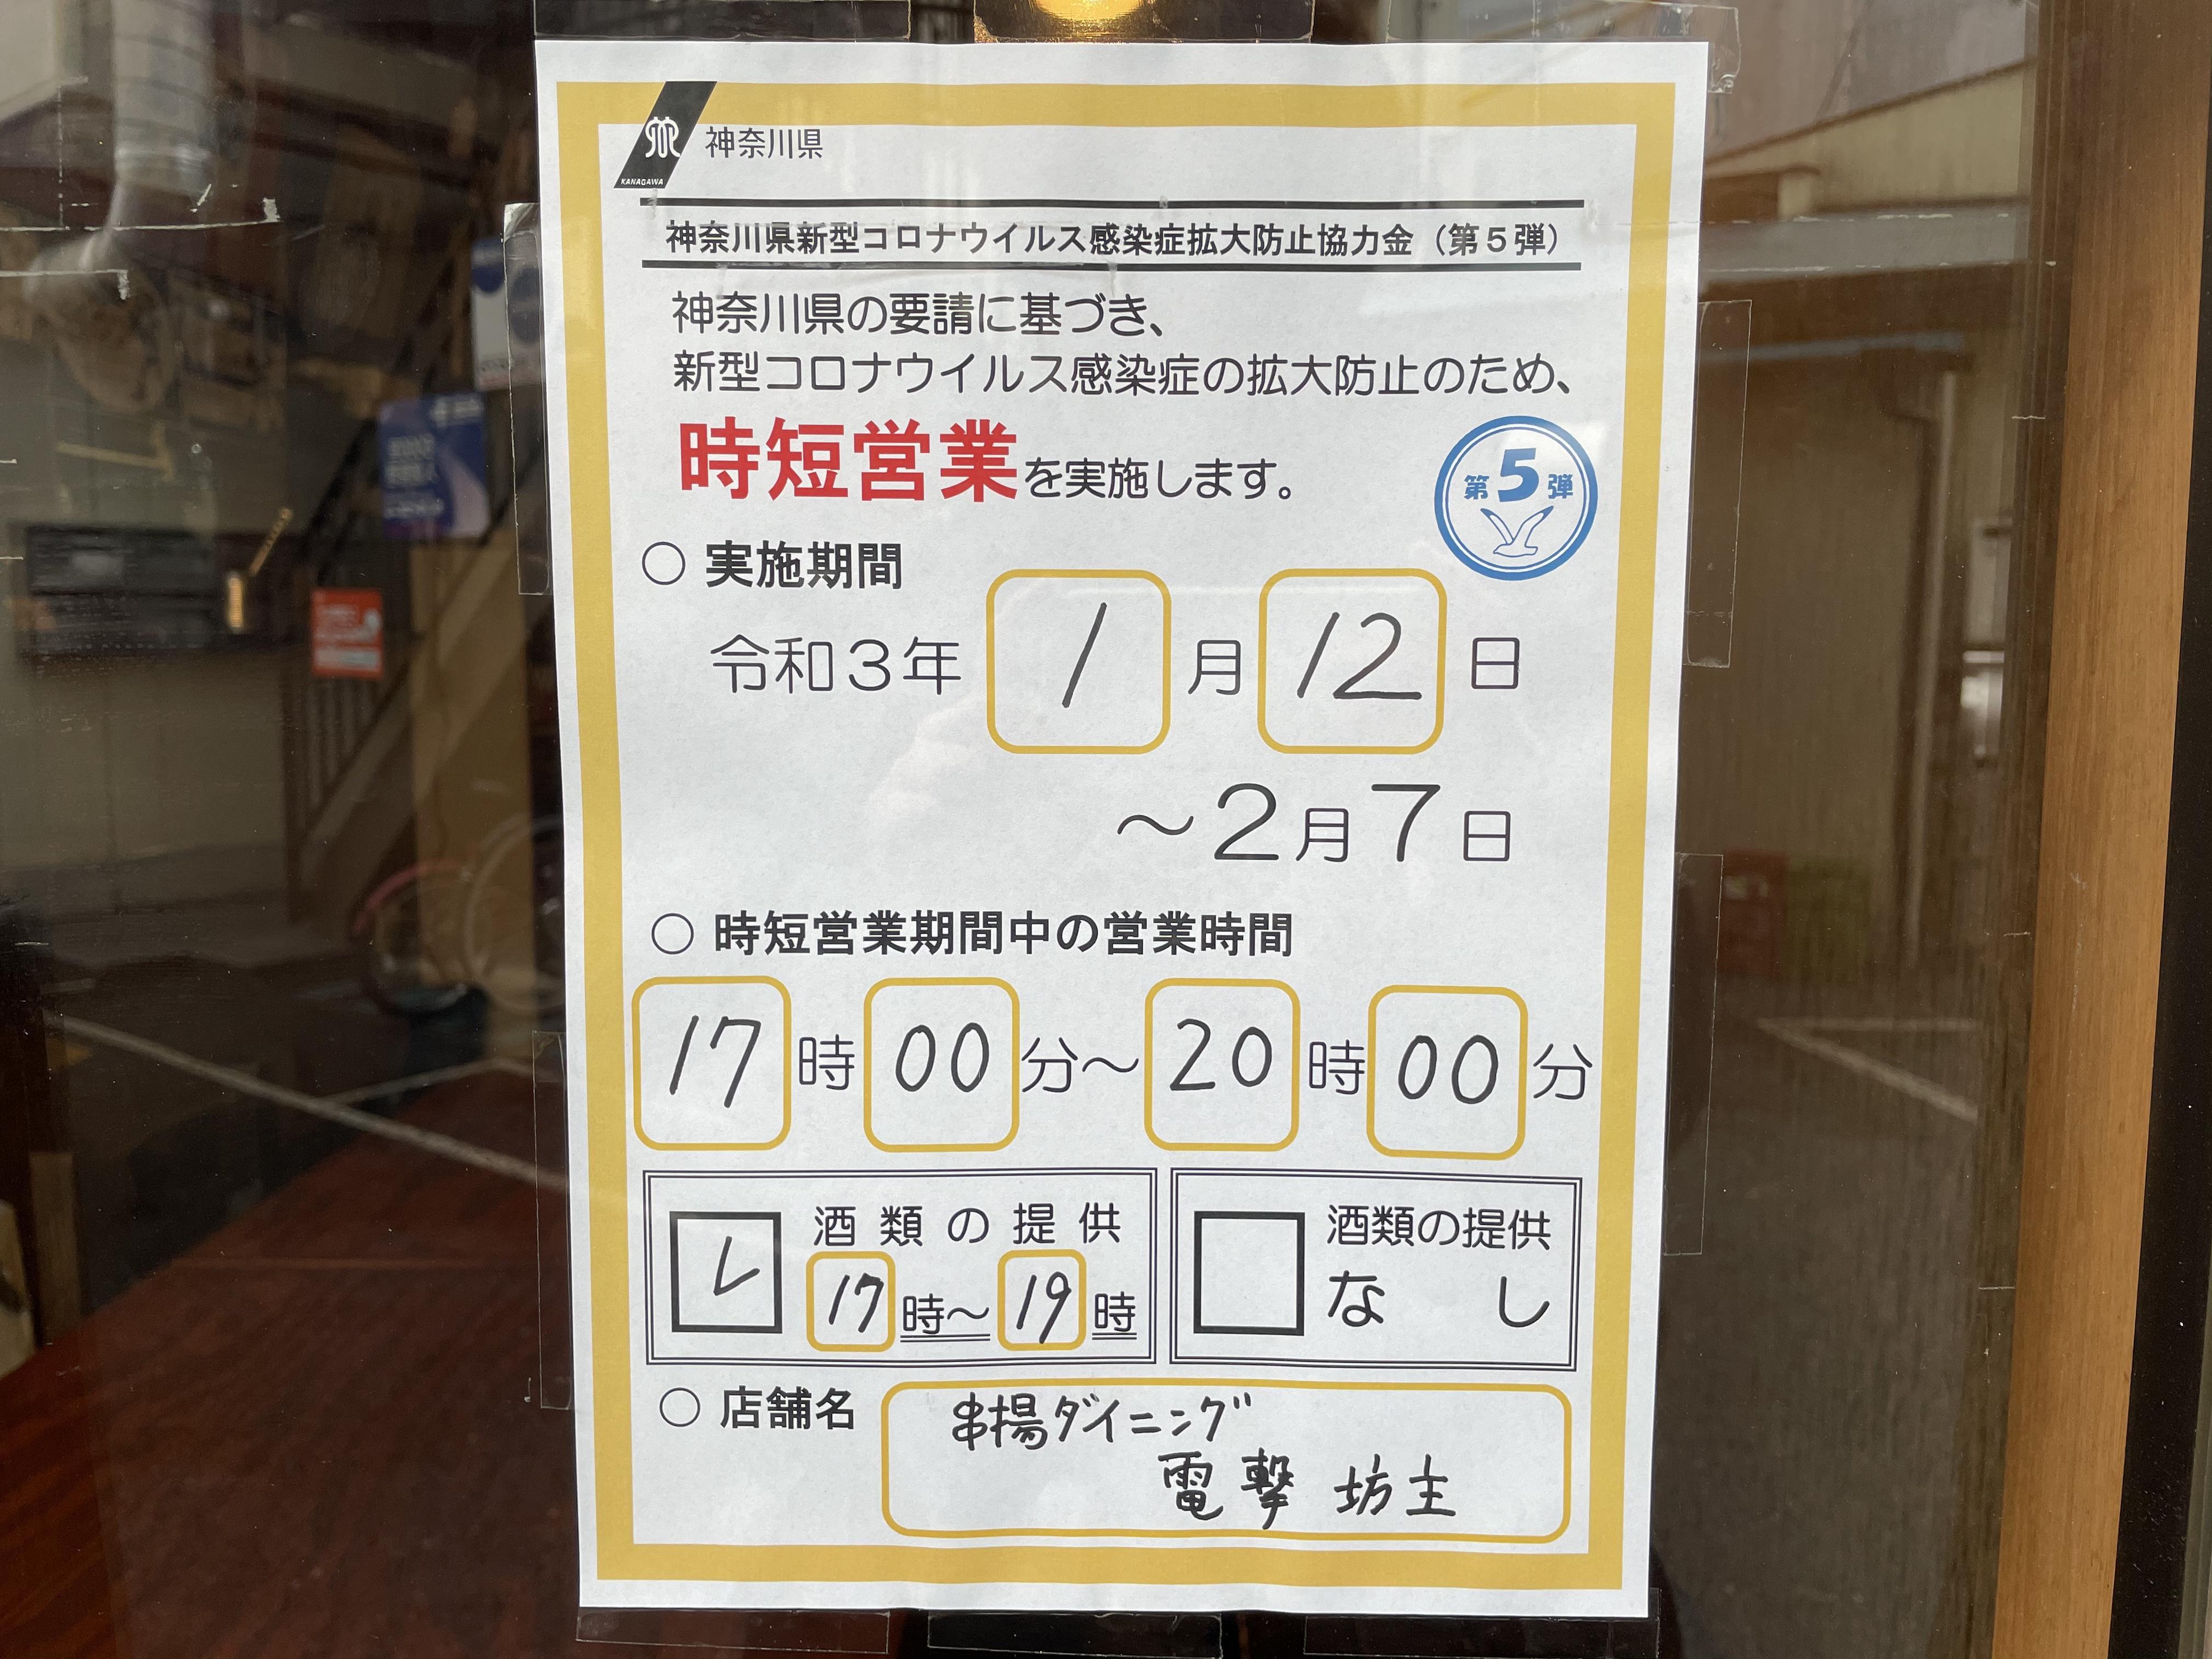 協力 5 第 神奈川 弾 金